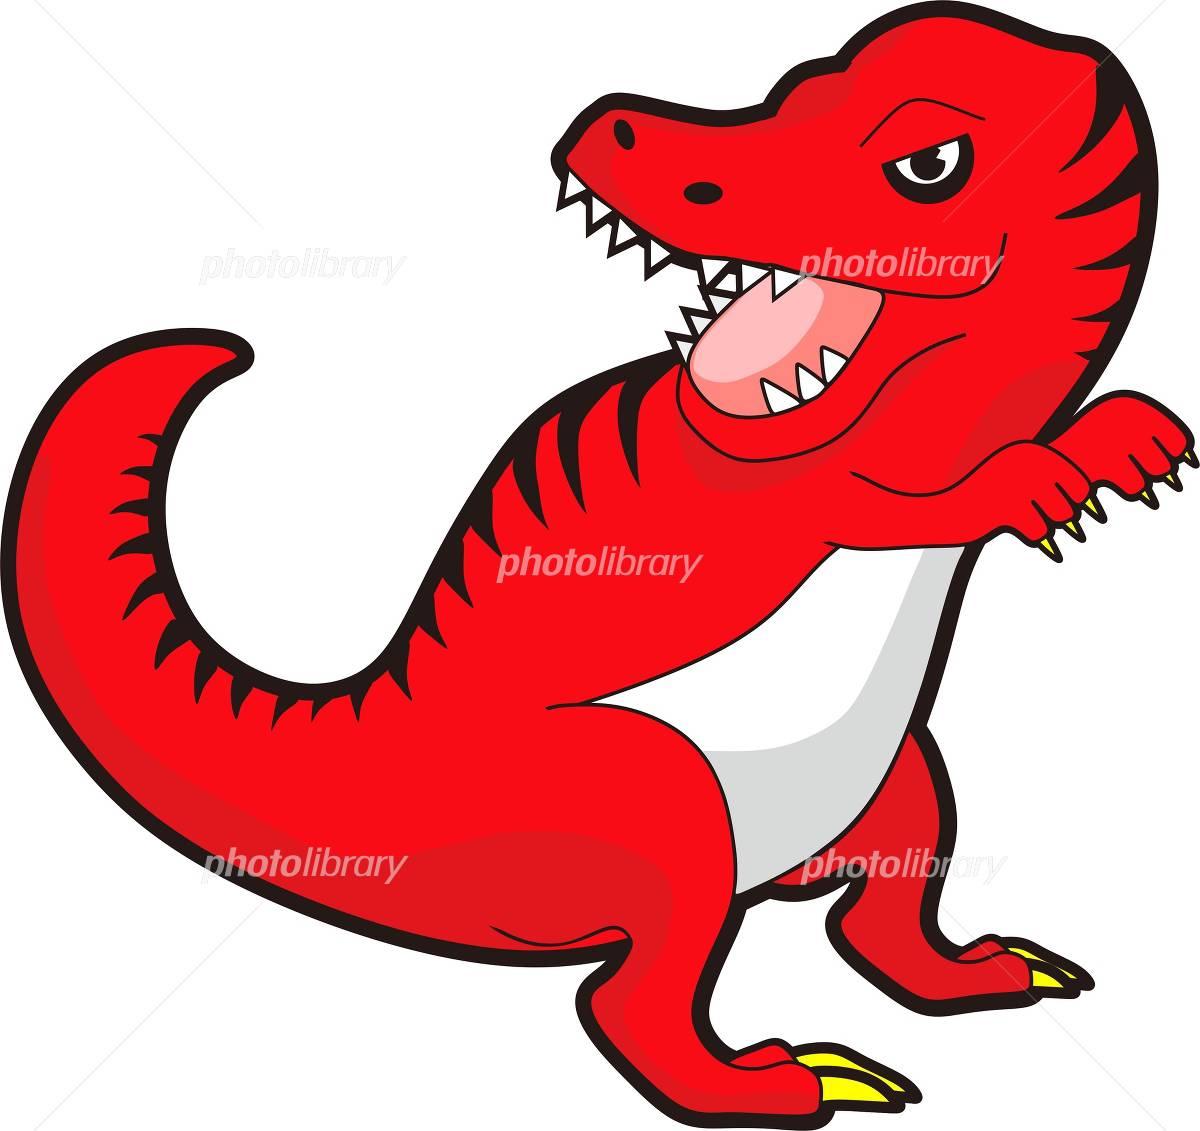 恐竜イラスト イラスト素材 1223875 フォトライブラリー Photolibrary